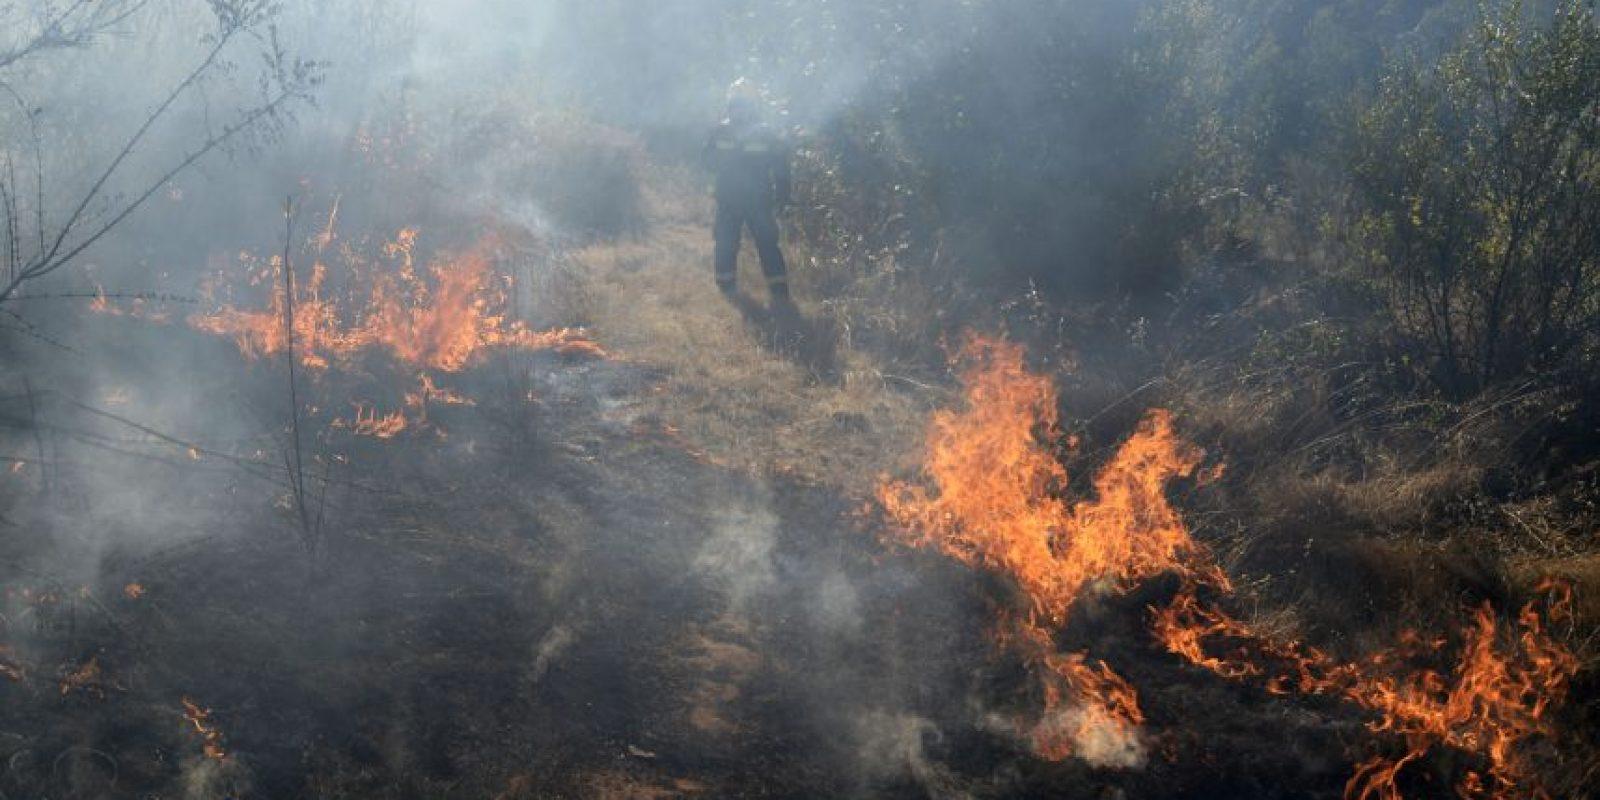 Chile necesita contar con 8 millones de hectáreas de bosque para contrarrestar su huella de CO2. Si bien, contamos actualmente con 17 millones de hectáreas, éstas no están ubicadas de manera equilibrada en relación a las zonas que mayor cantidad de CO2 generan. Foto:Agencia Uno. Imagen Por: